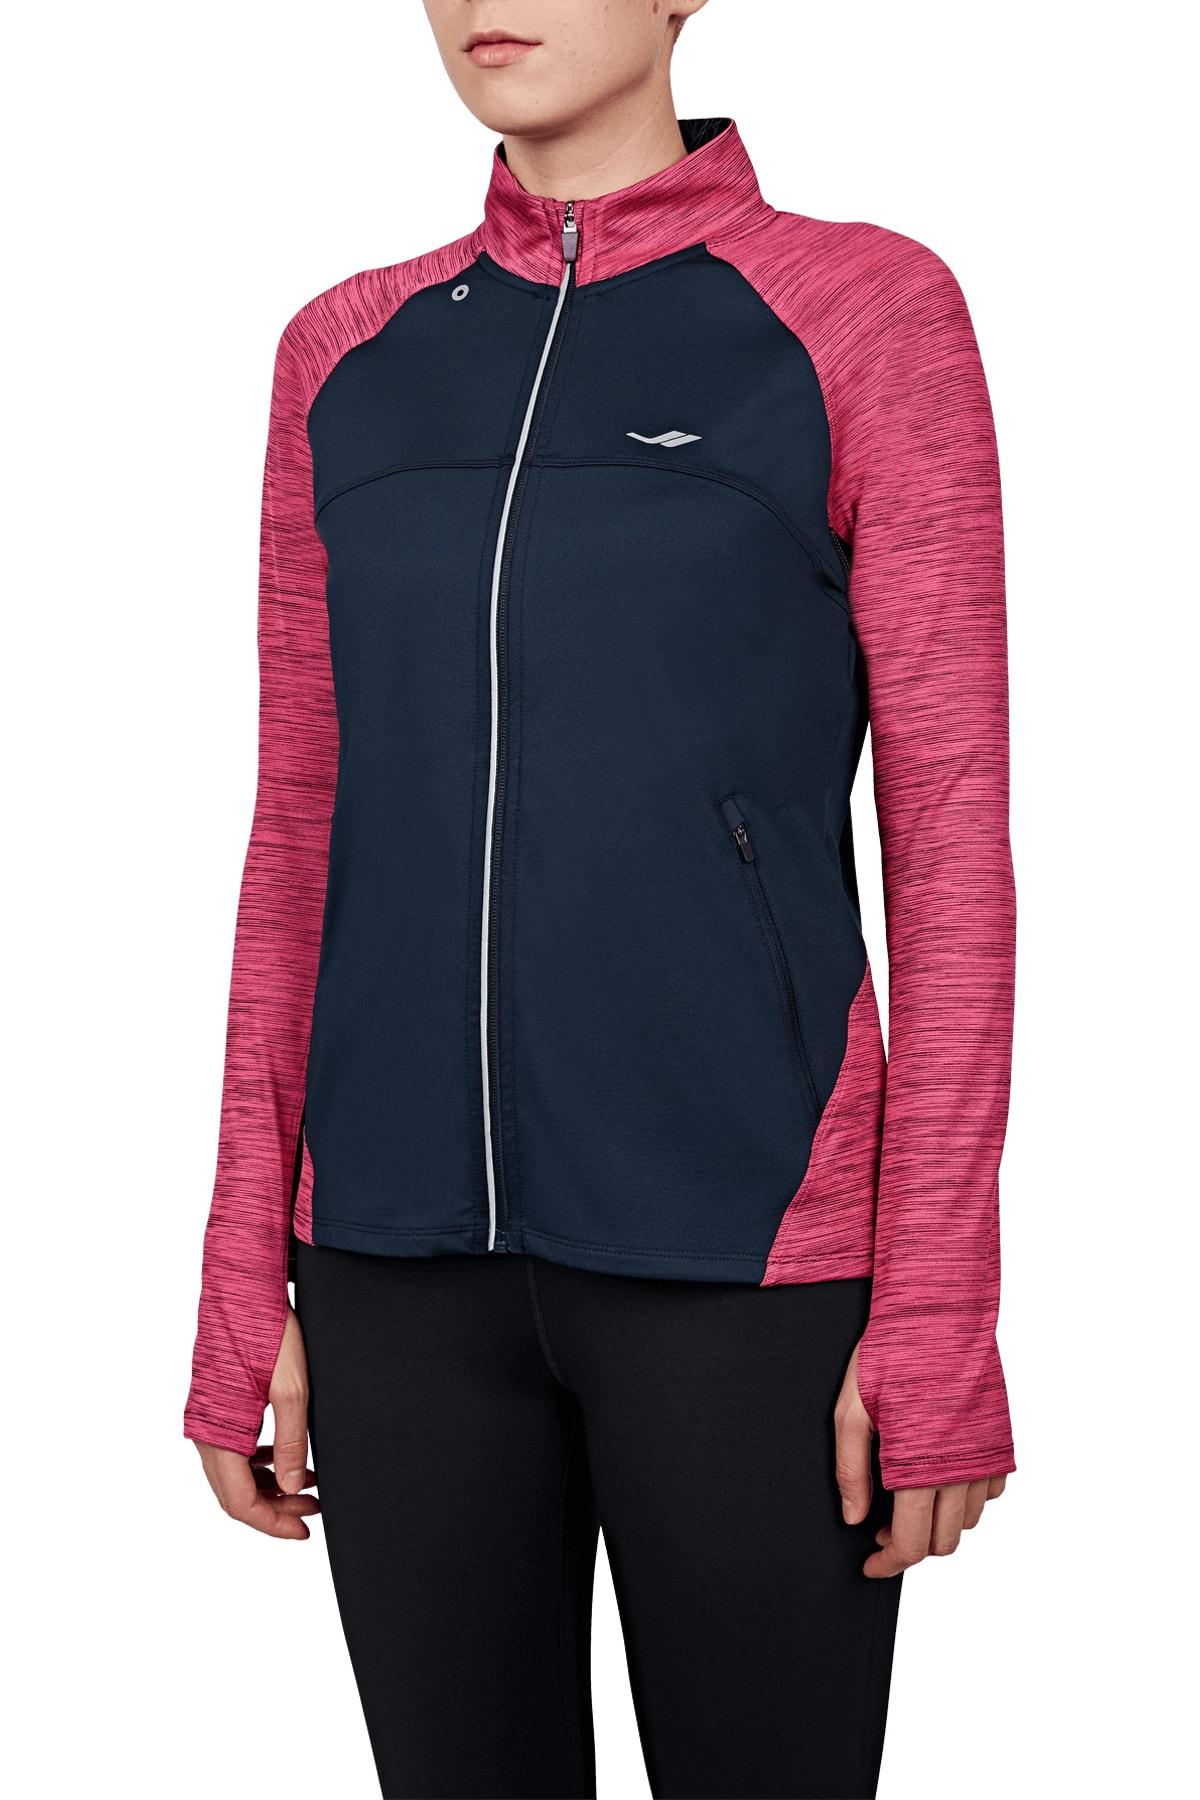 Lescon Kadın Sweatshirt - 18BTBP002020 1